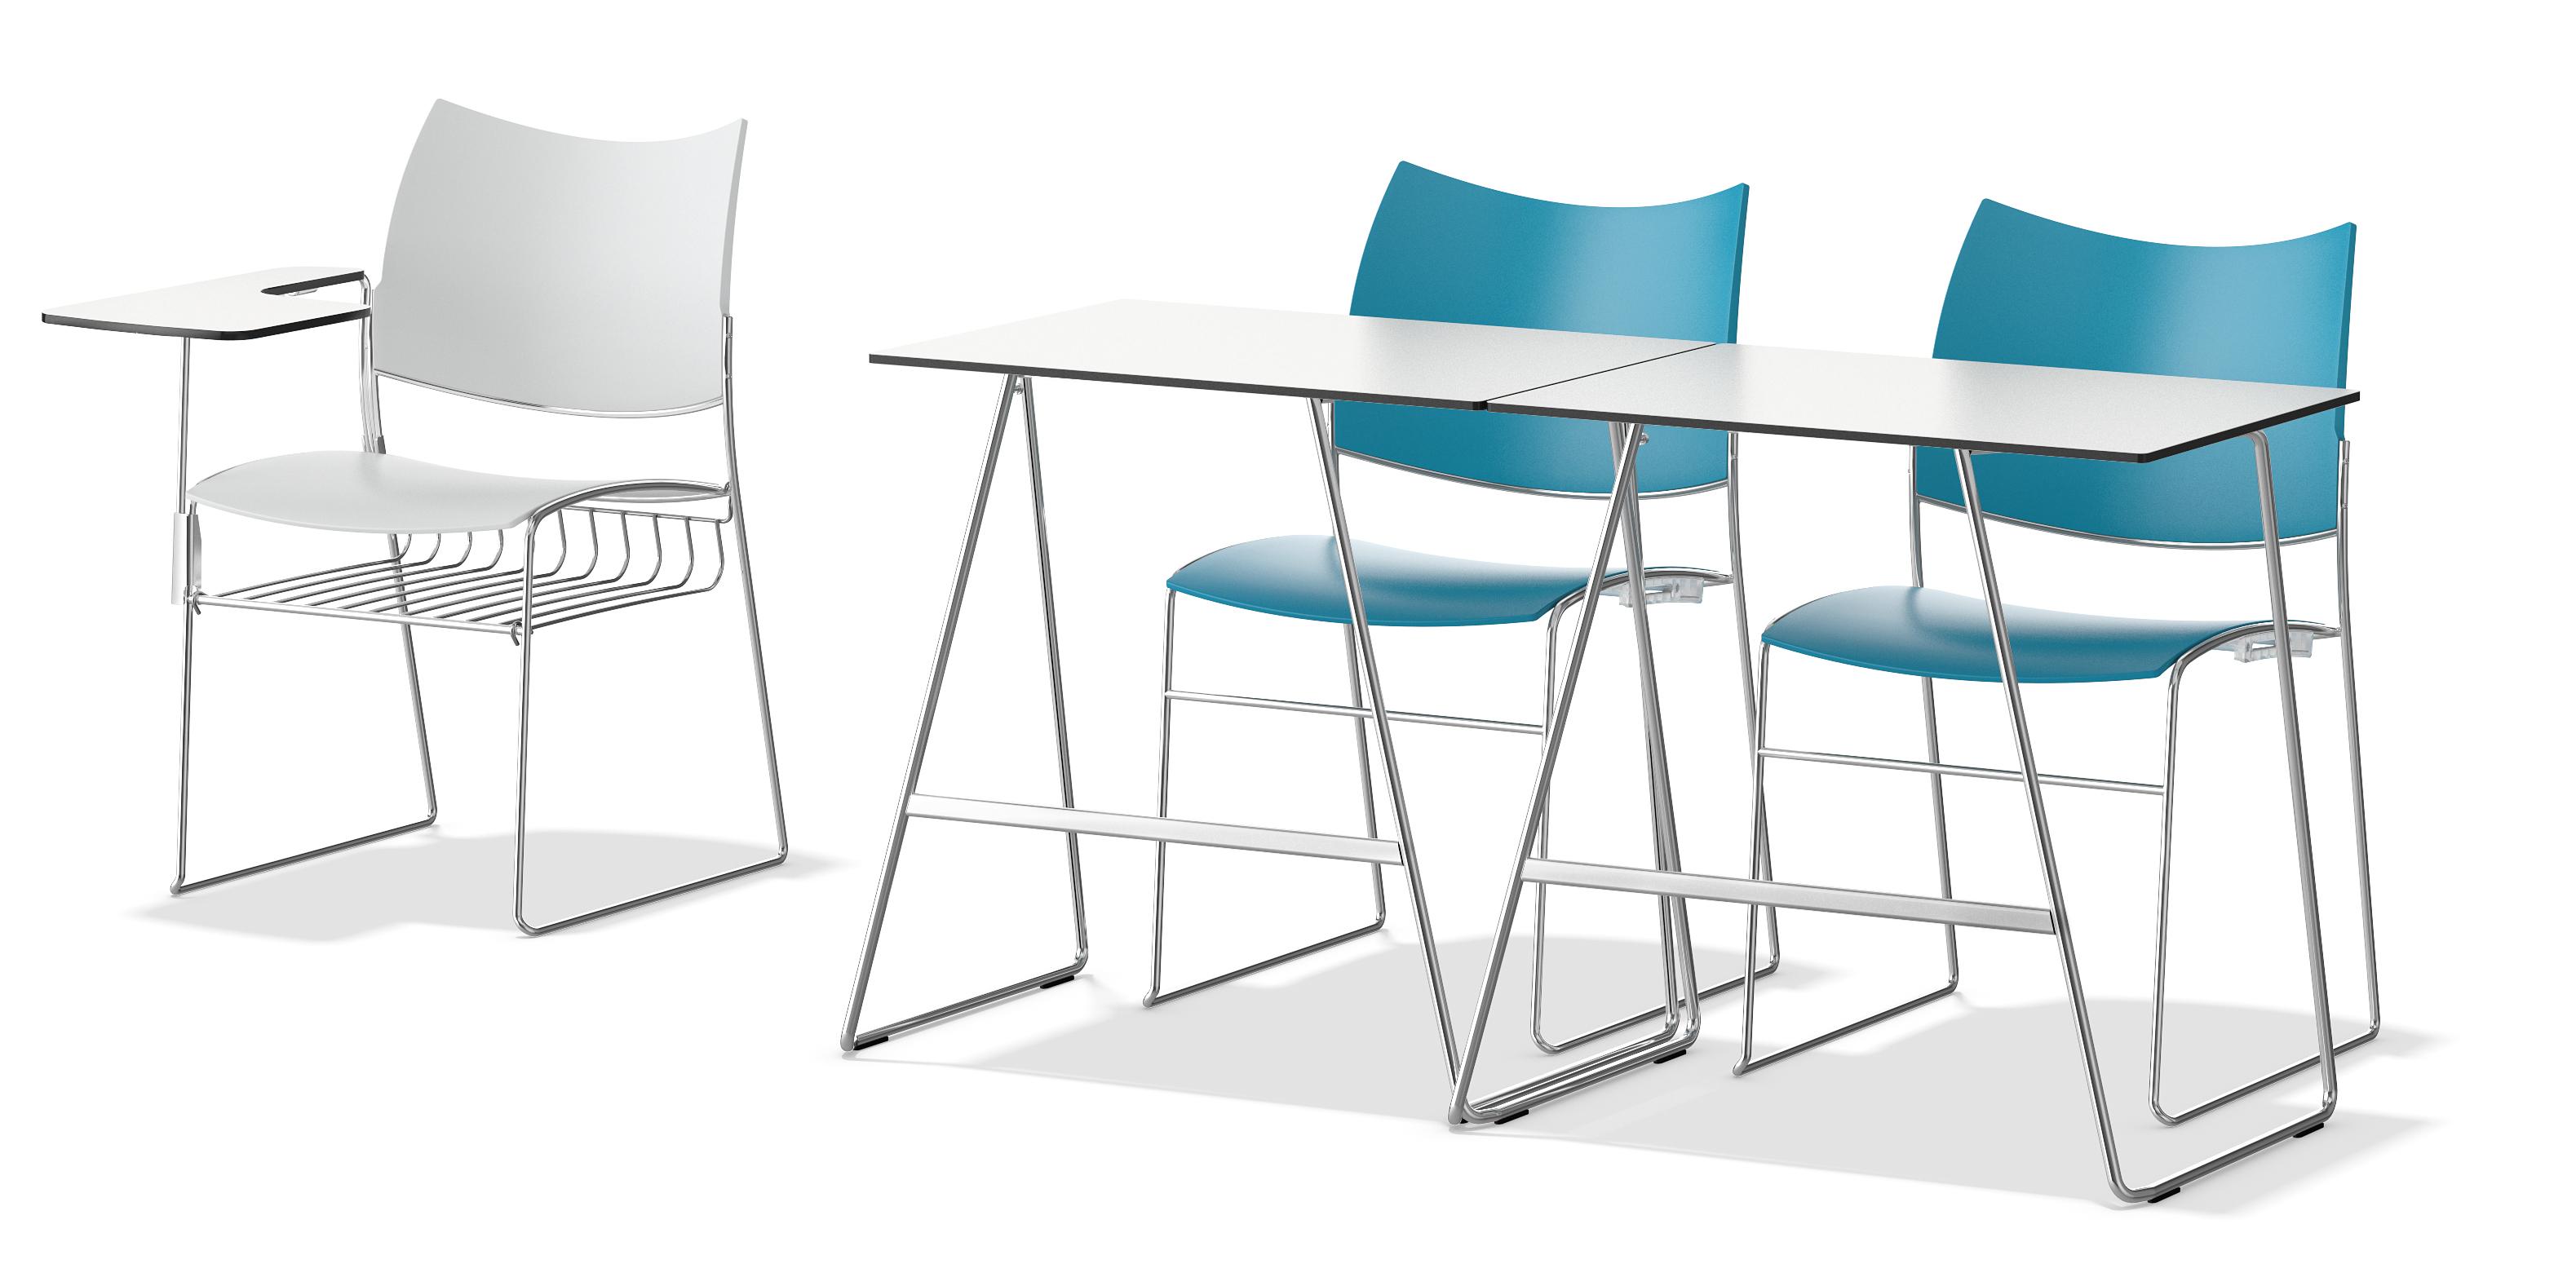 chaise de collectivit curvy achat chaises de collectivit. Black Bedroom Furniture Sets. Home Design Ideas